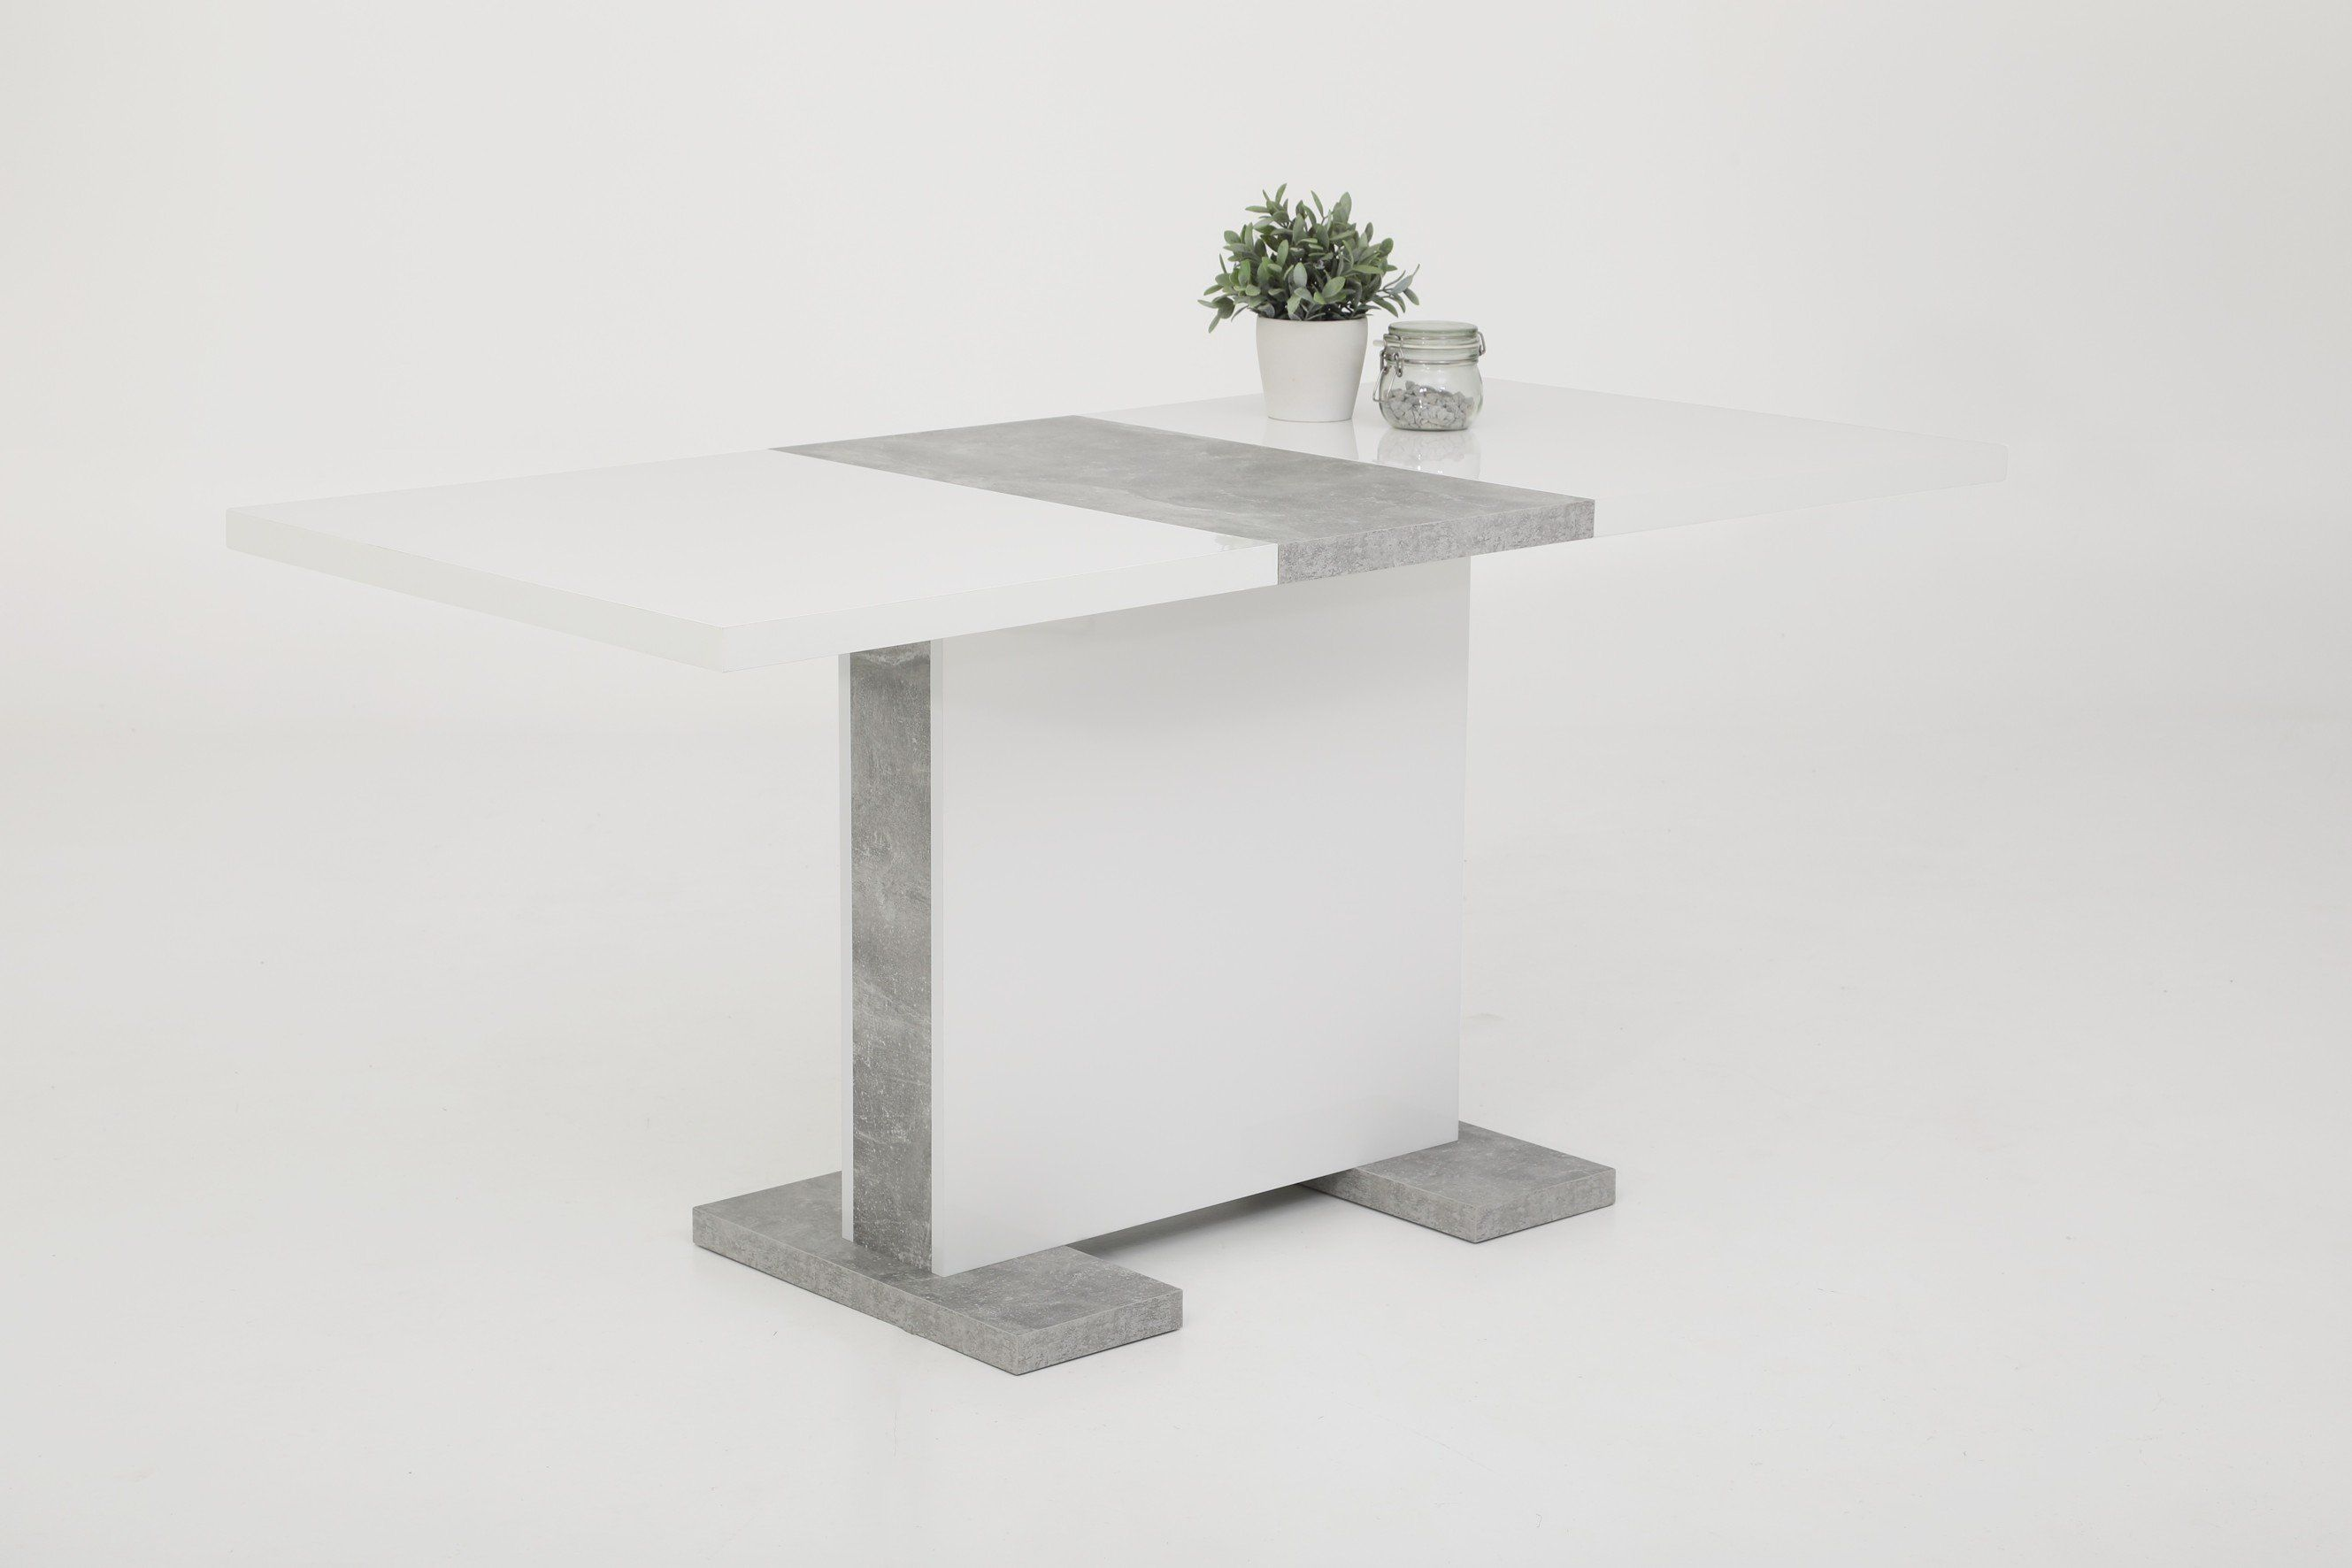 Esstisch 120 - 160 cm ausziehbar Weiß Betonoptik - TAMARA